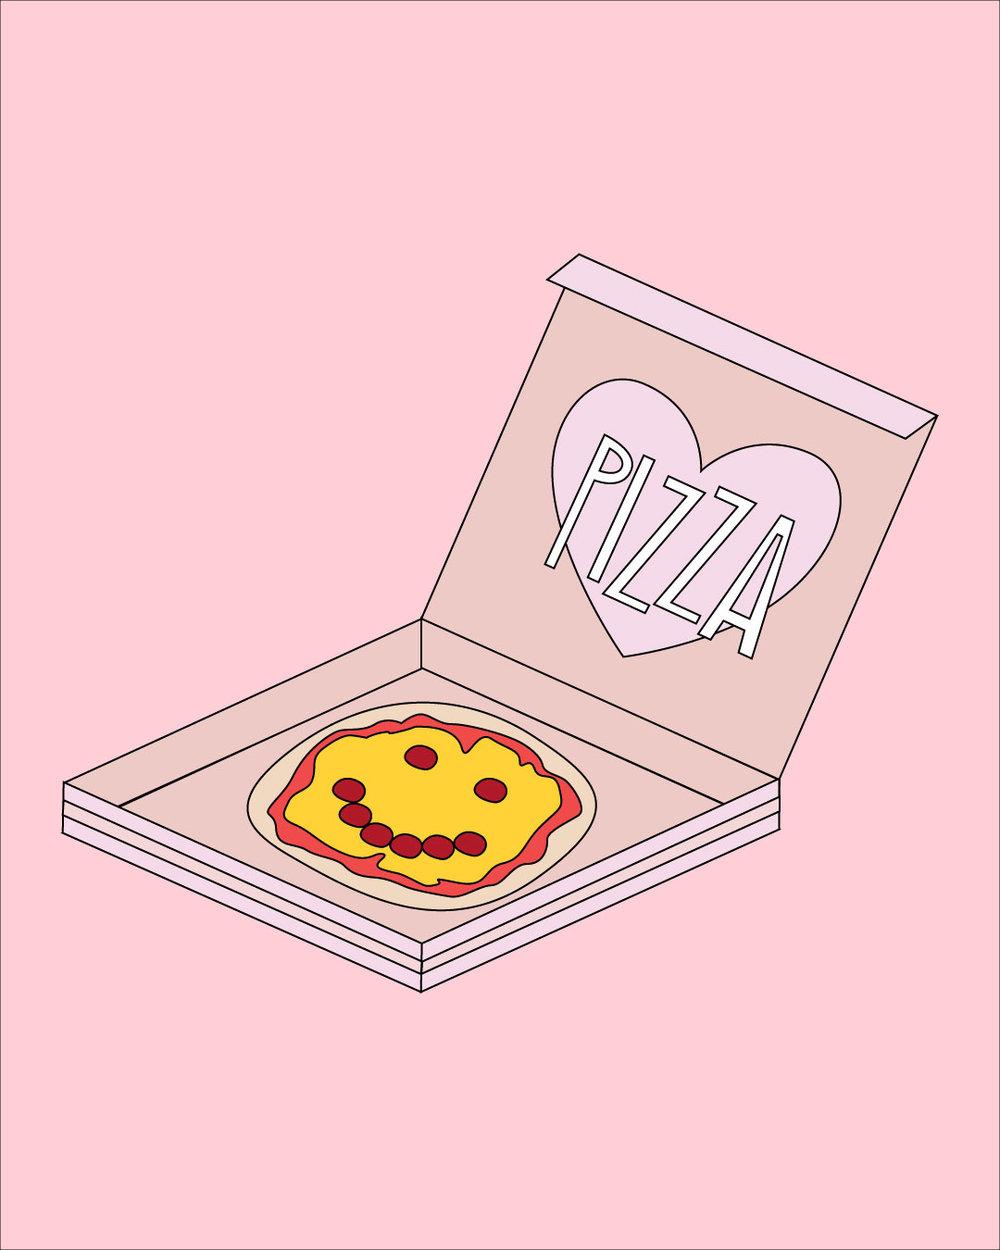 pizza_2pt.jpg